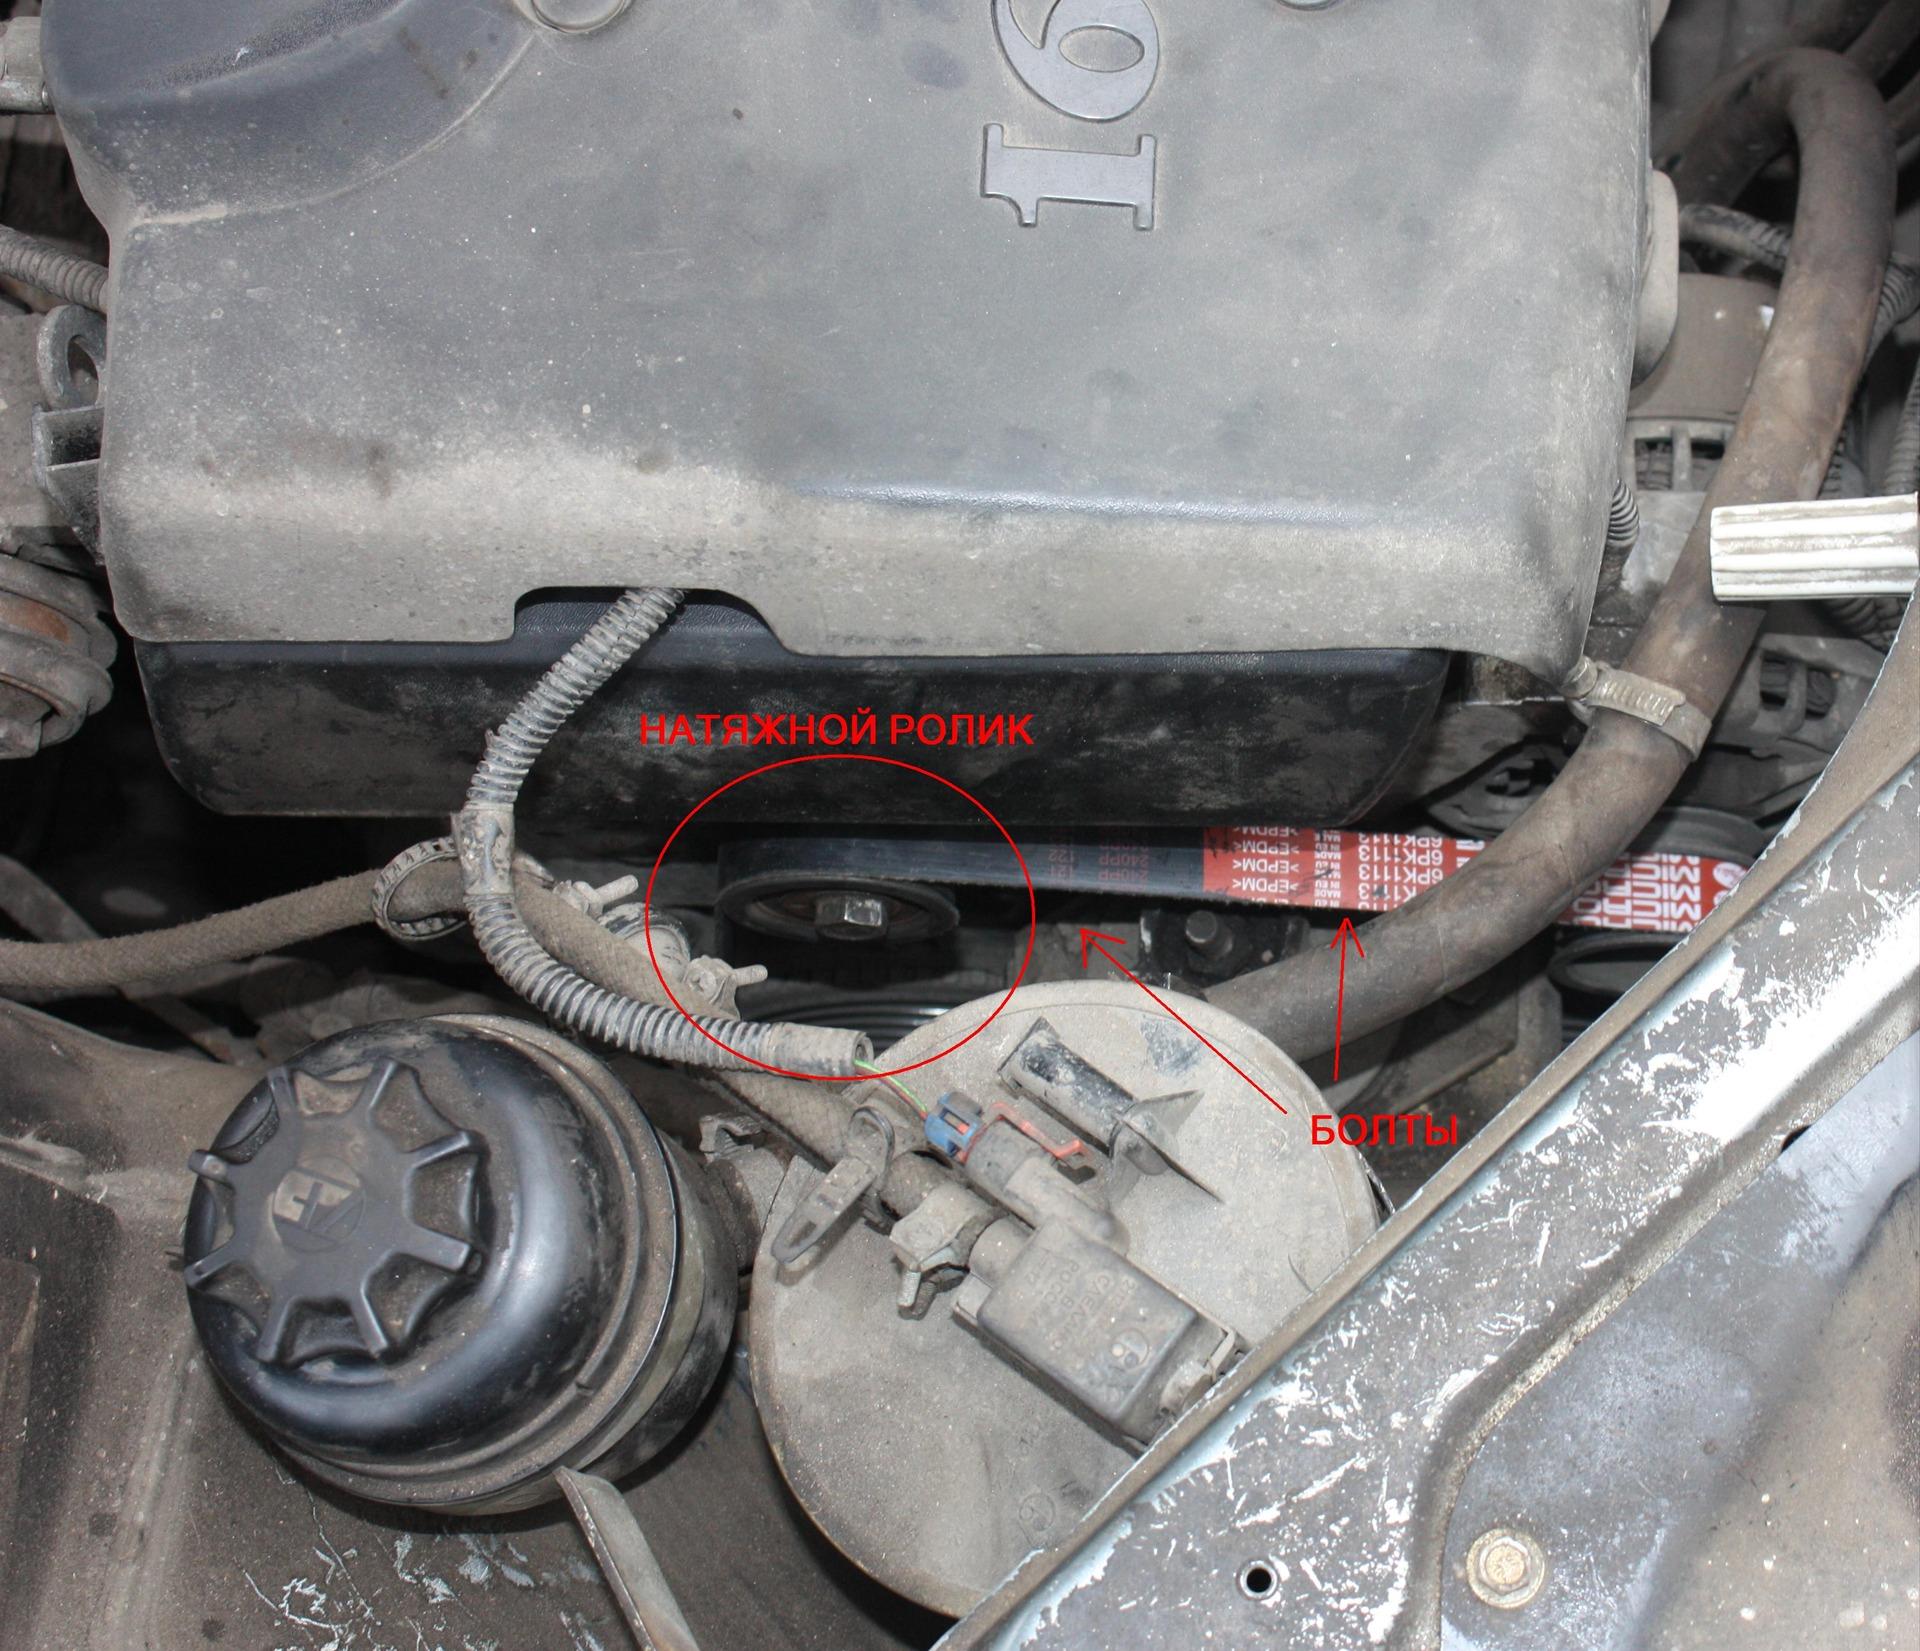 инструкция по снятию генератора на ваз 21124 с гуром